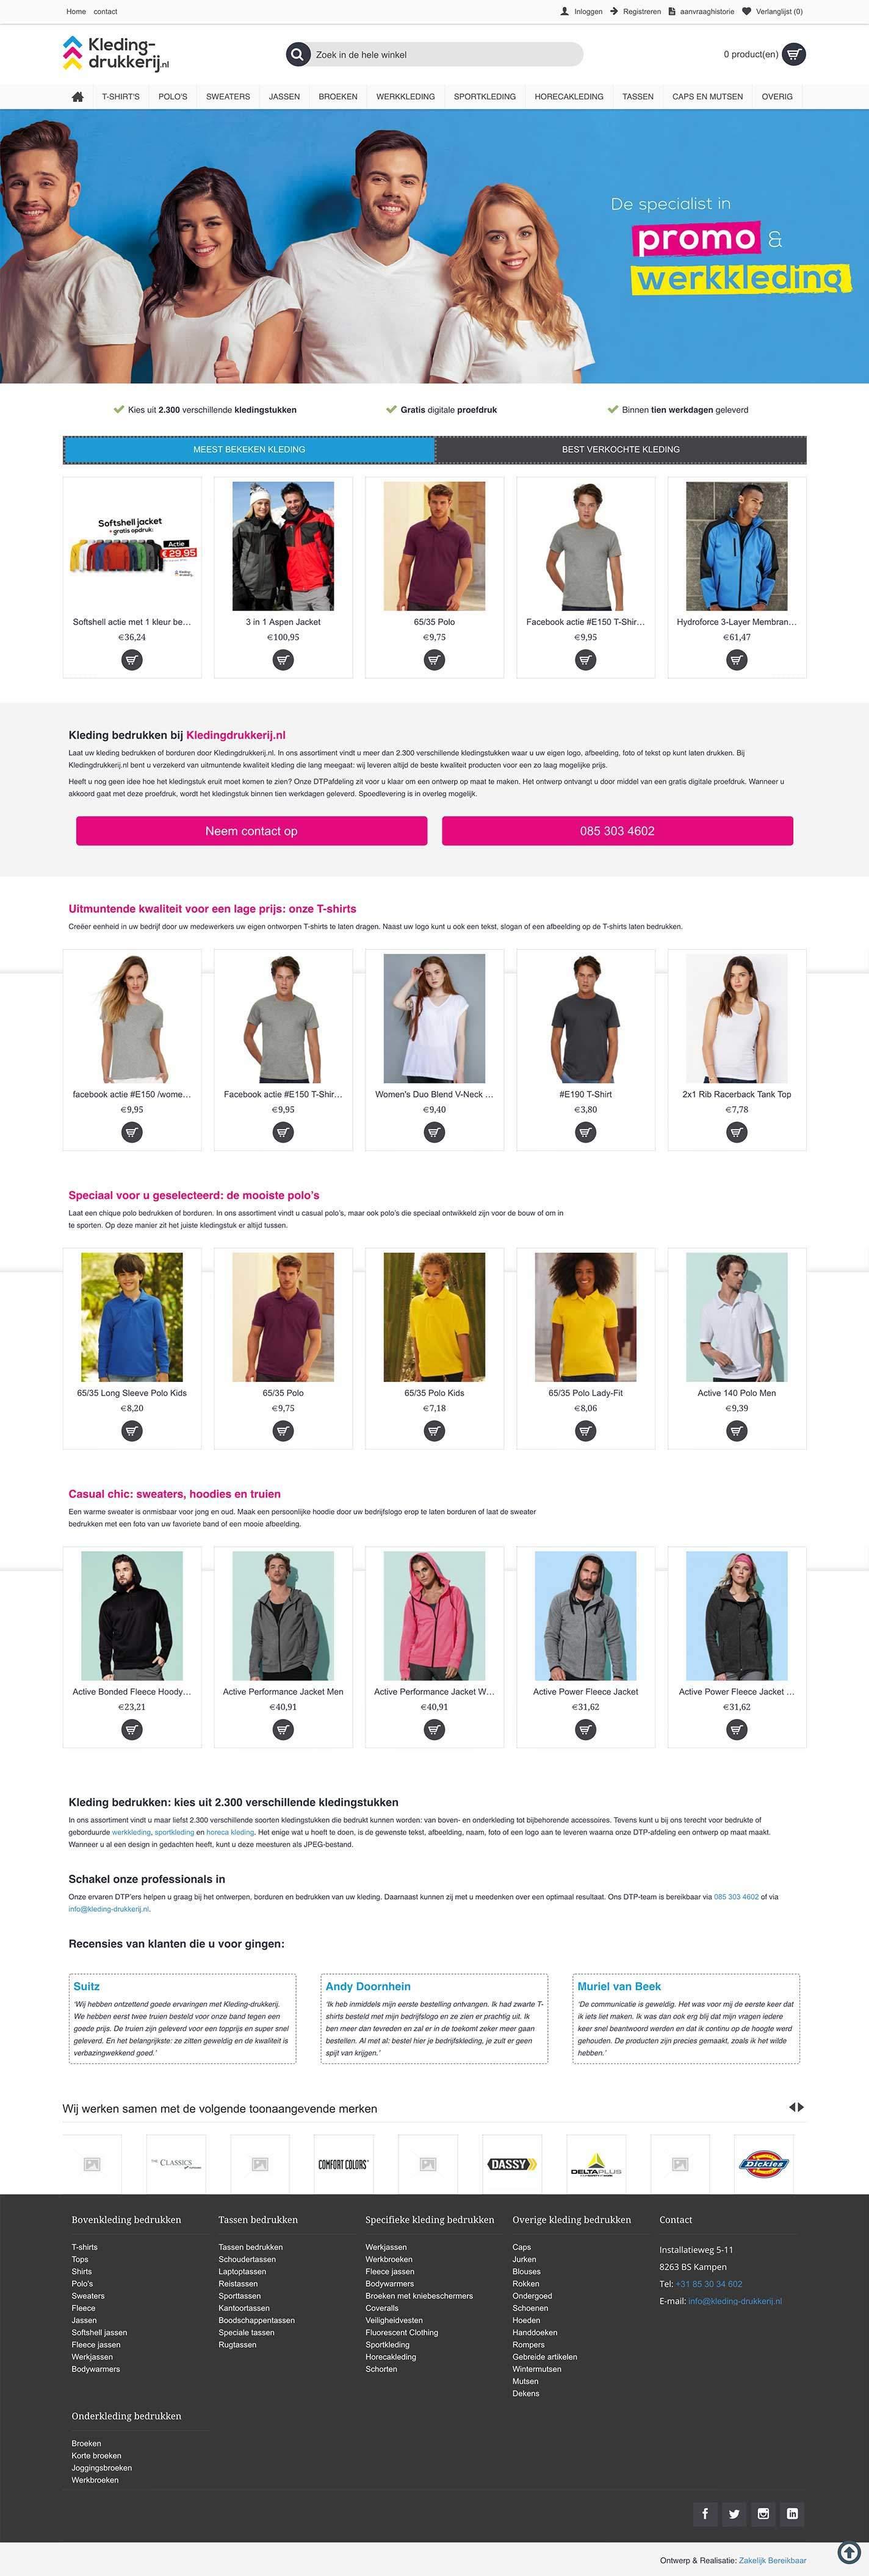 kleding-drukkerij